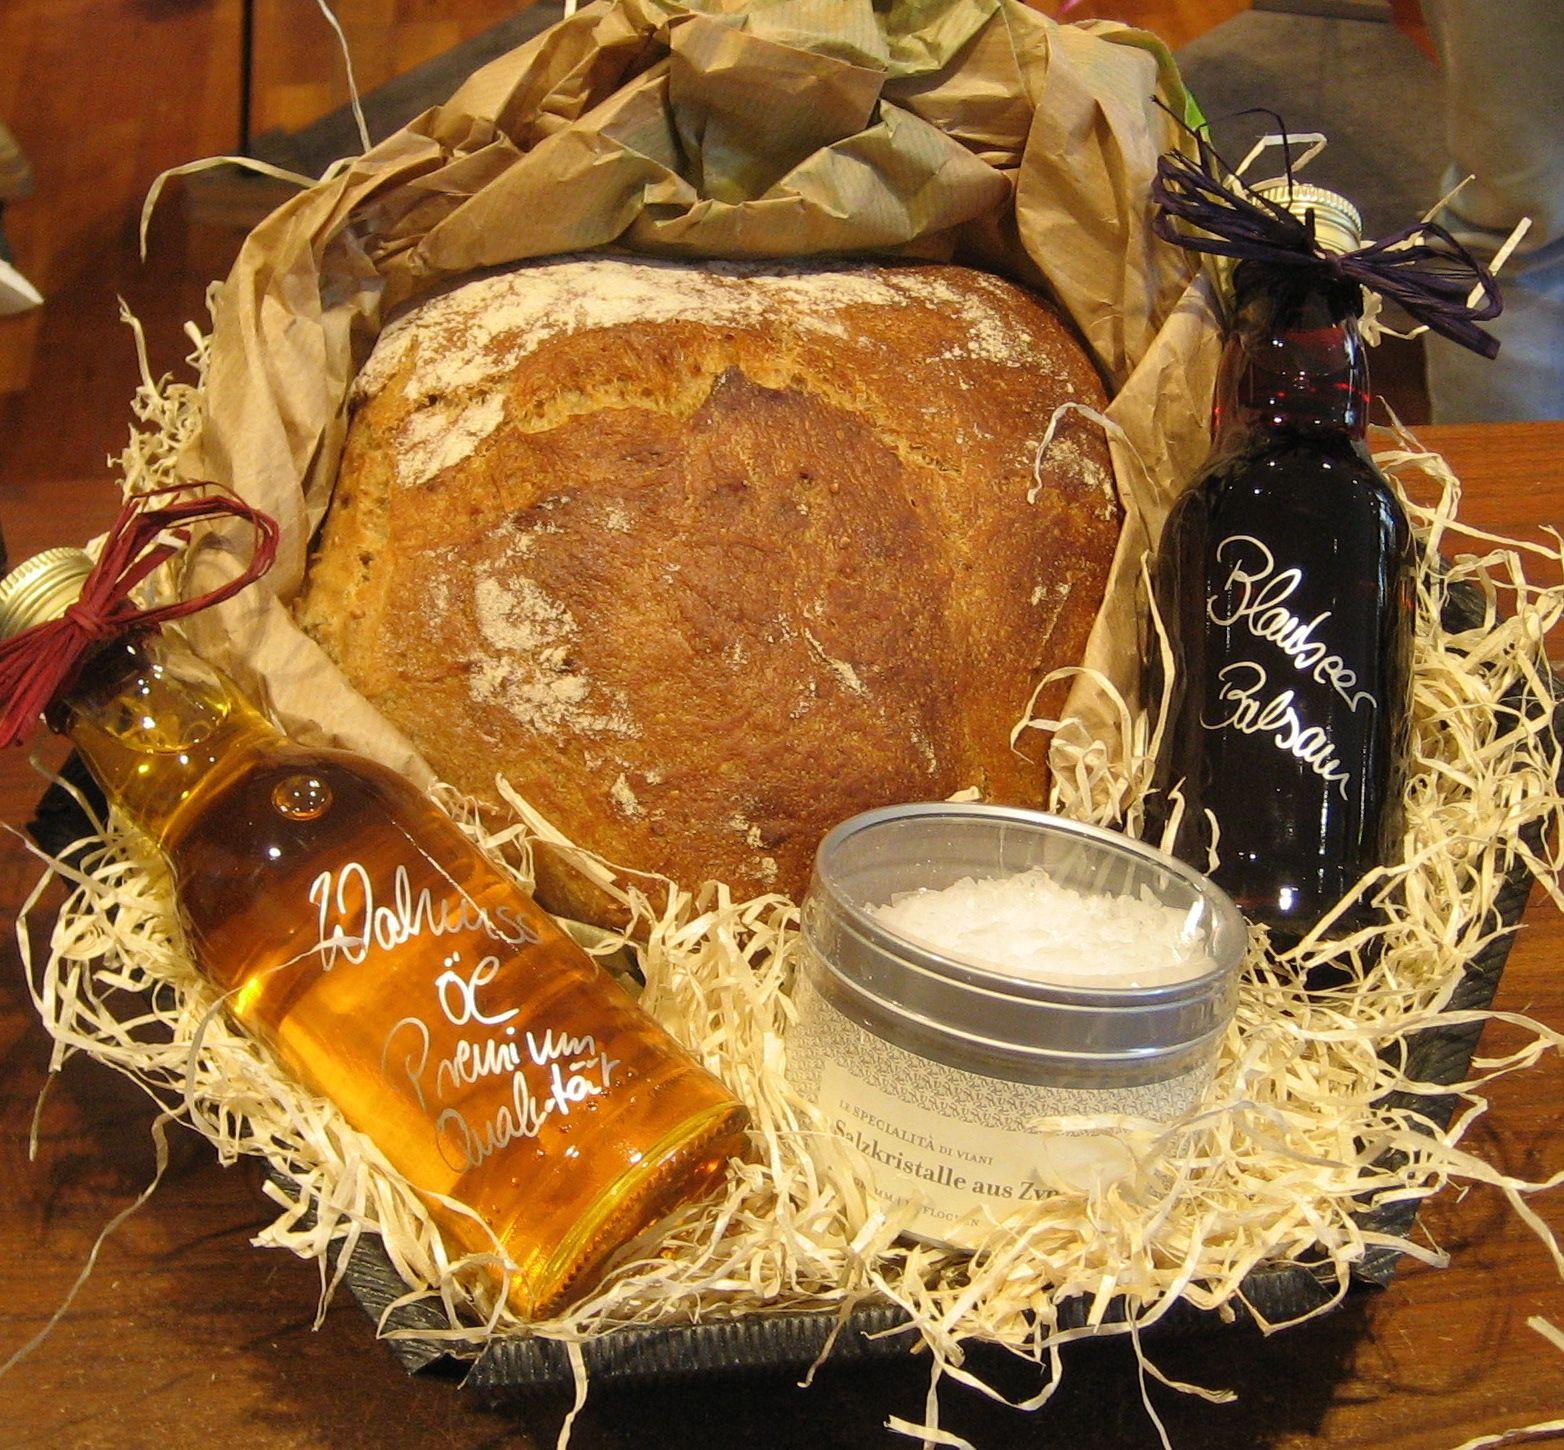 Salz Und Brot Zum Umzug Sind Ein Schoner Brauch Seine Neuen Nachbarn Zum Einzug Willkommen Selbstgemachte Geschenke Aus Der Kuche Geschenk Einzug Brot Und Salz